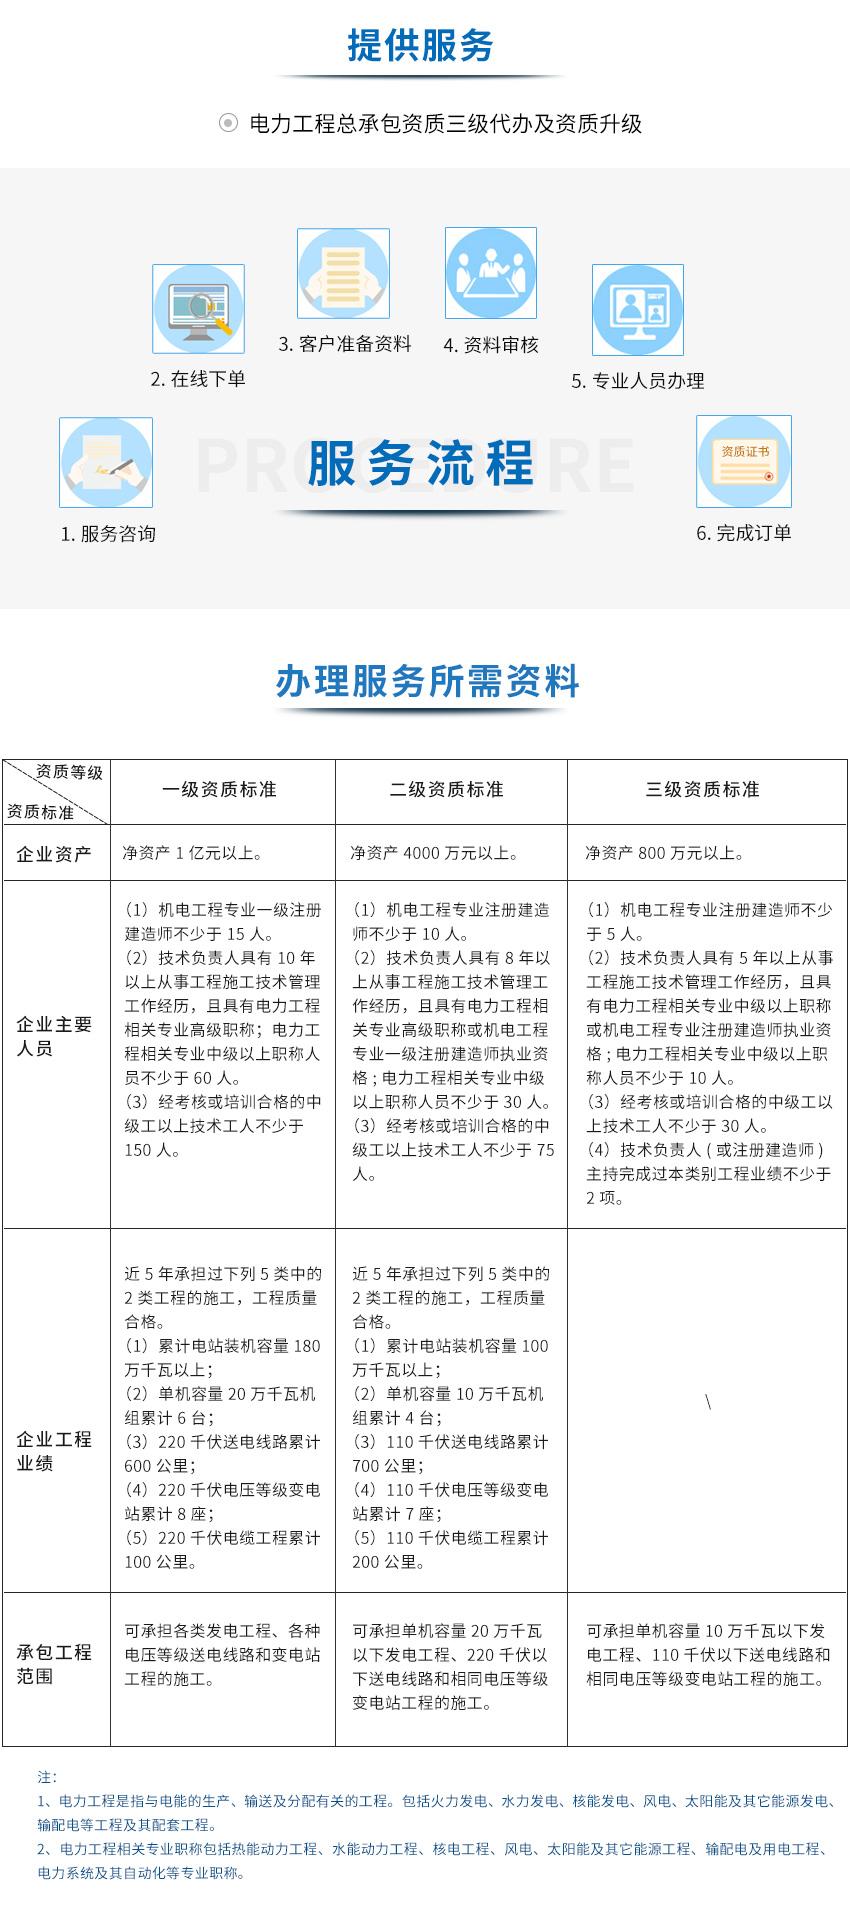 咕咕狗电力工程施工总承包betway必威注册网址图1